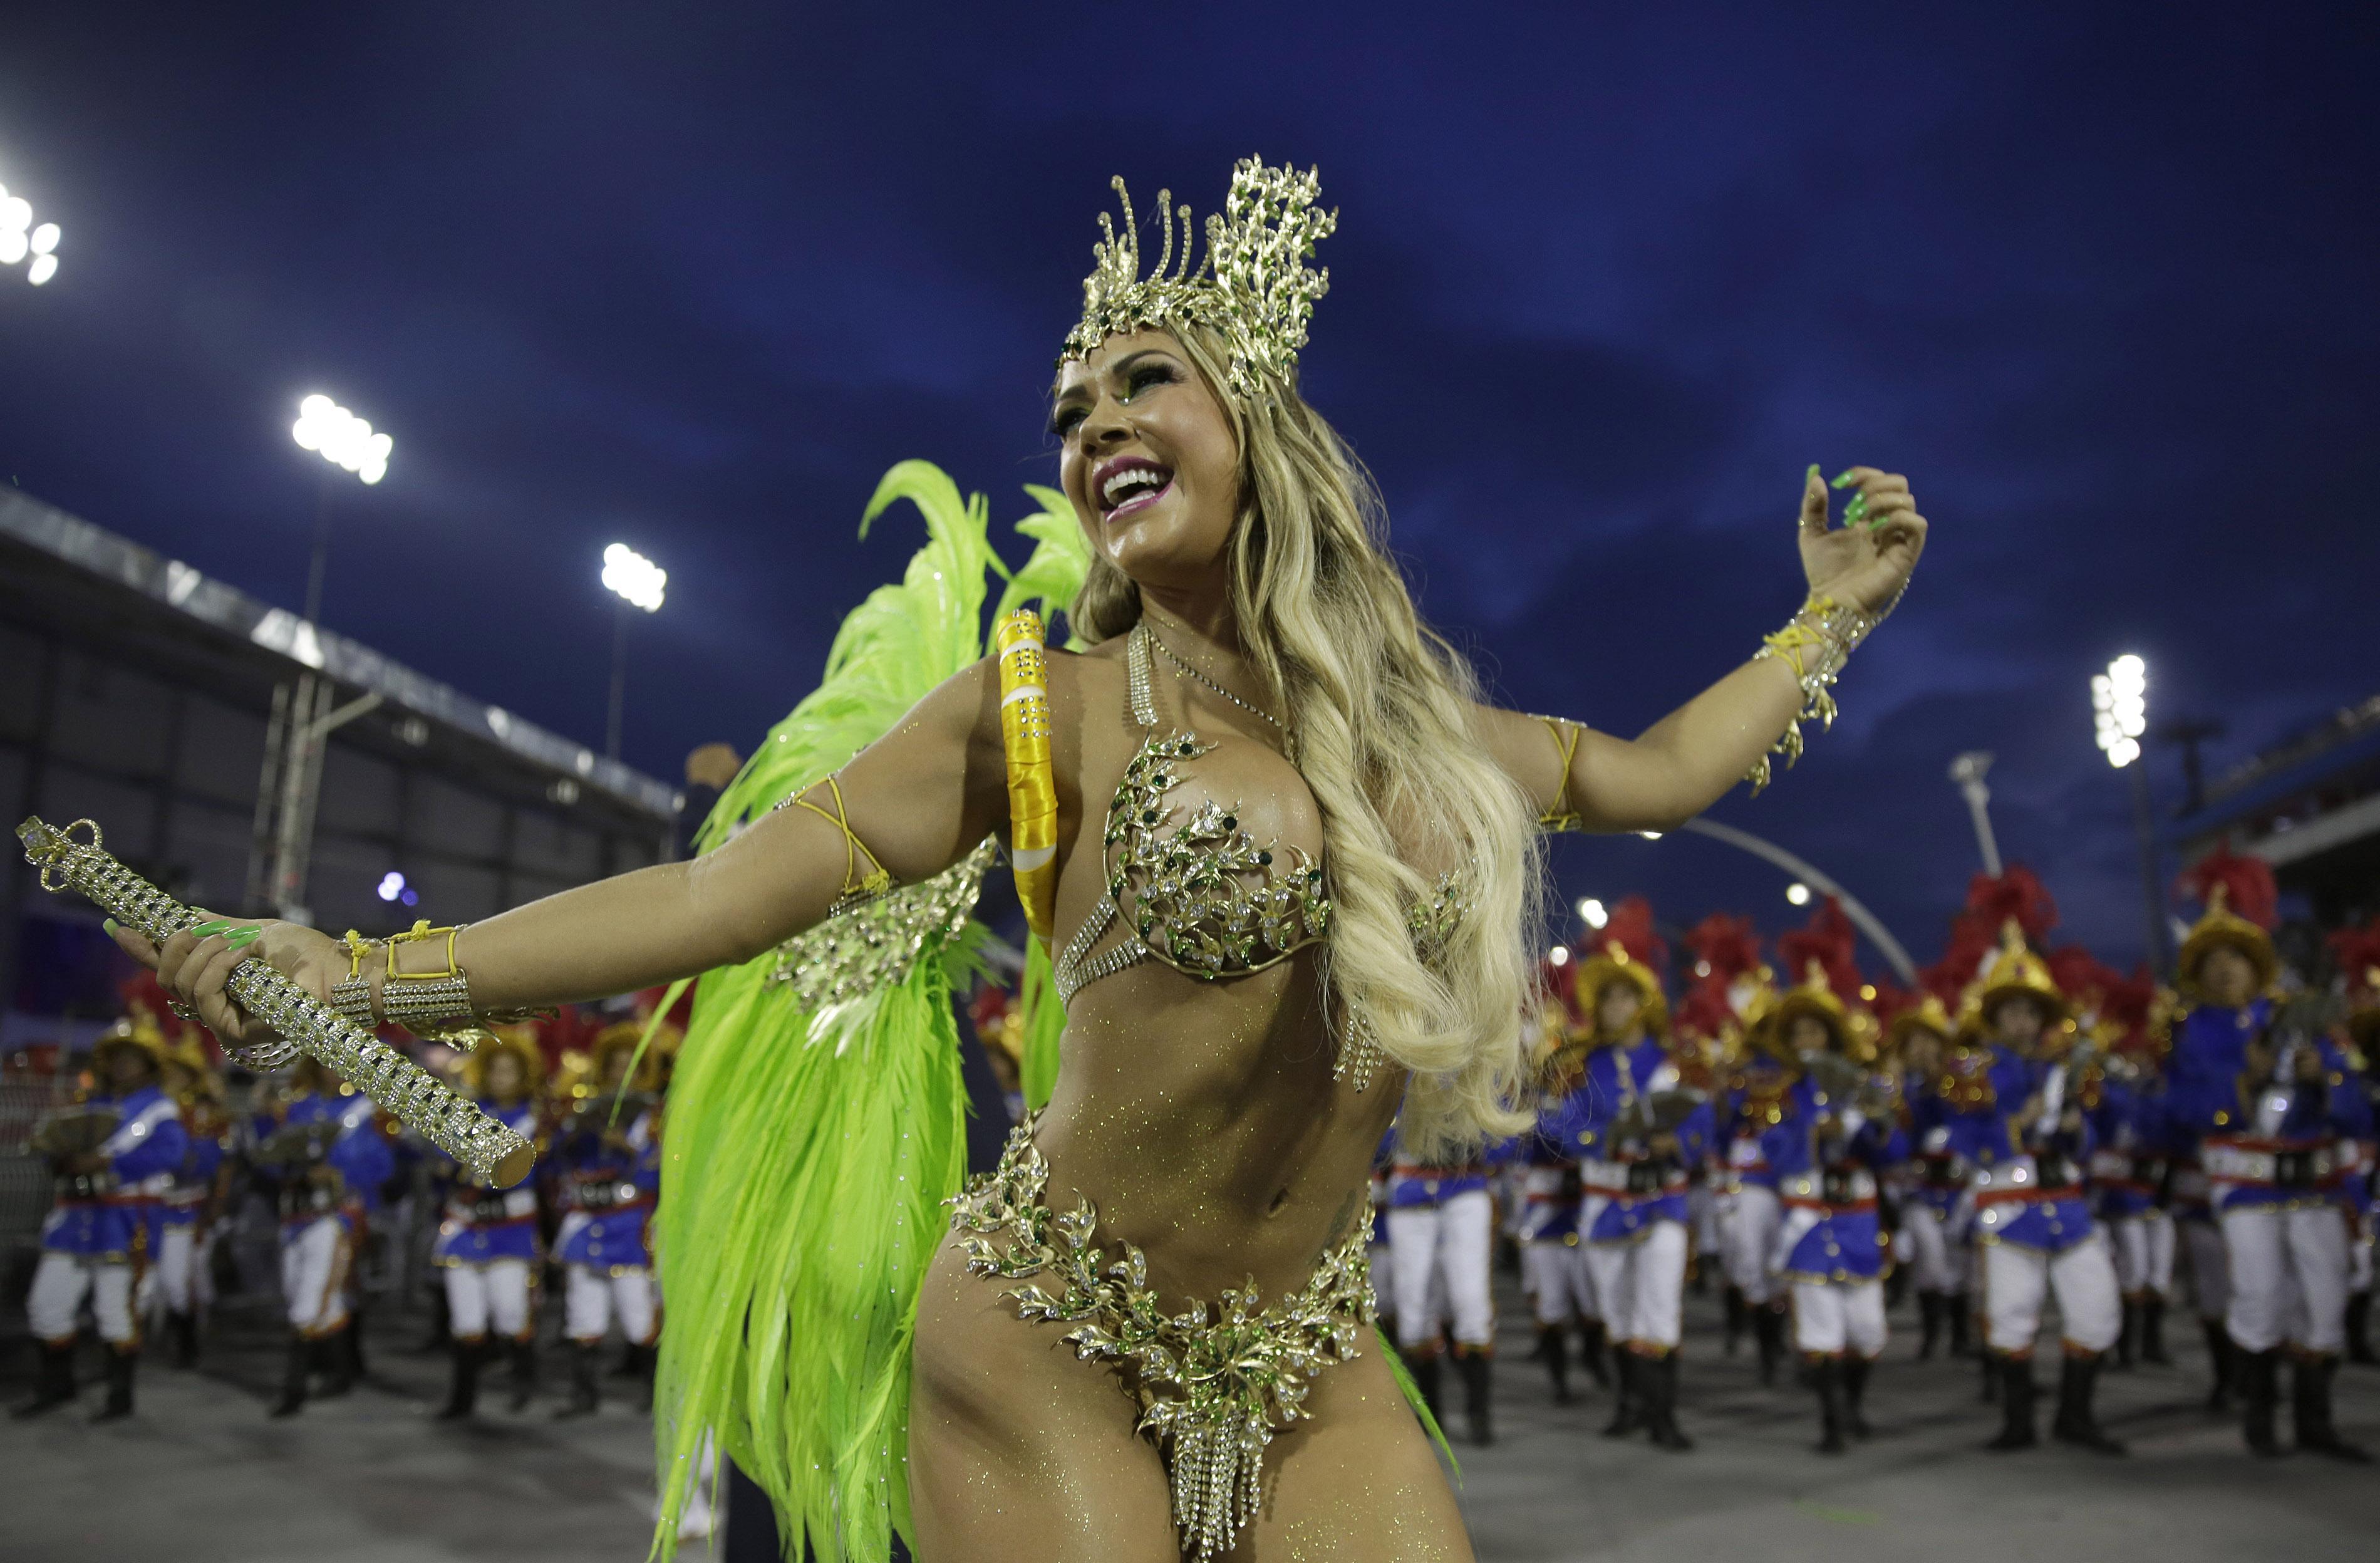 Трусики на бразильском карнавале 19 фотография